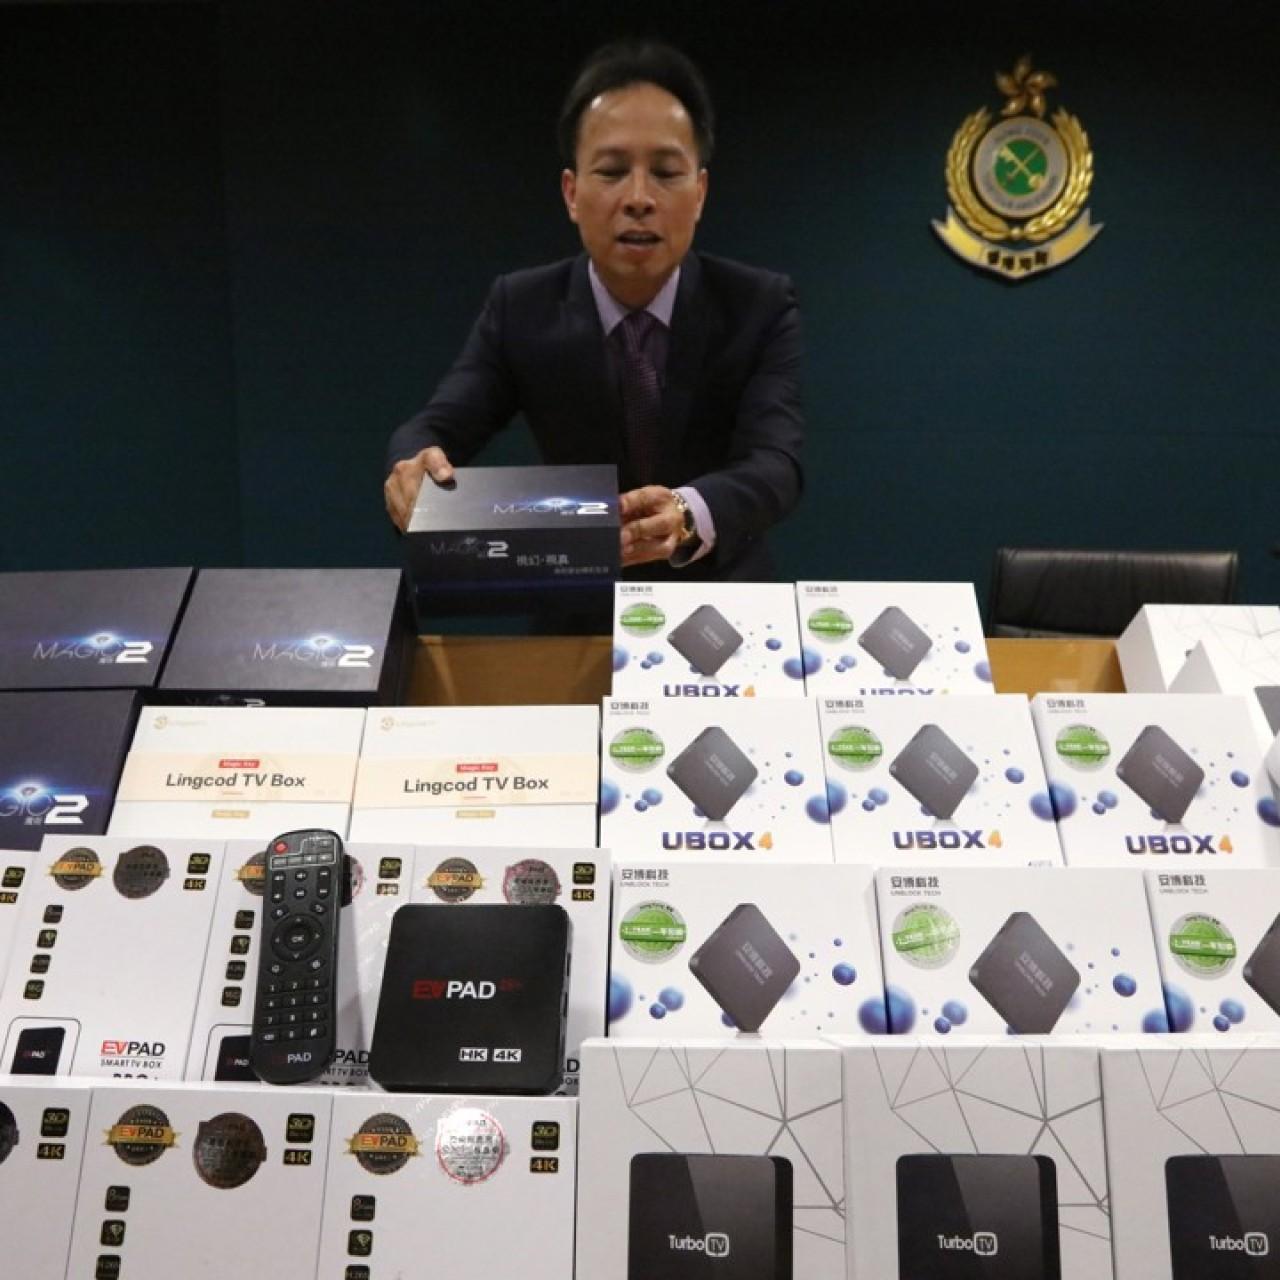 Got an illegal set-top box in Hong Kong? Be careful, customs is